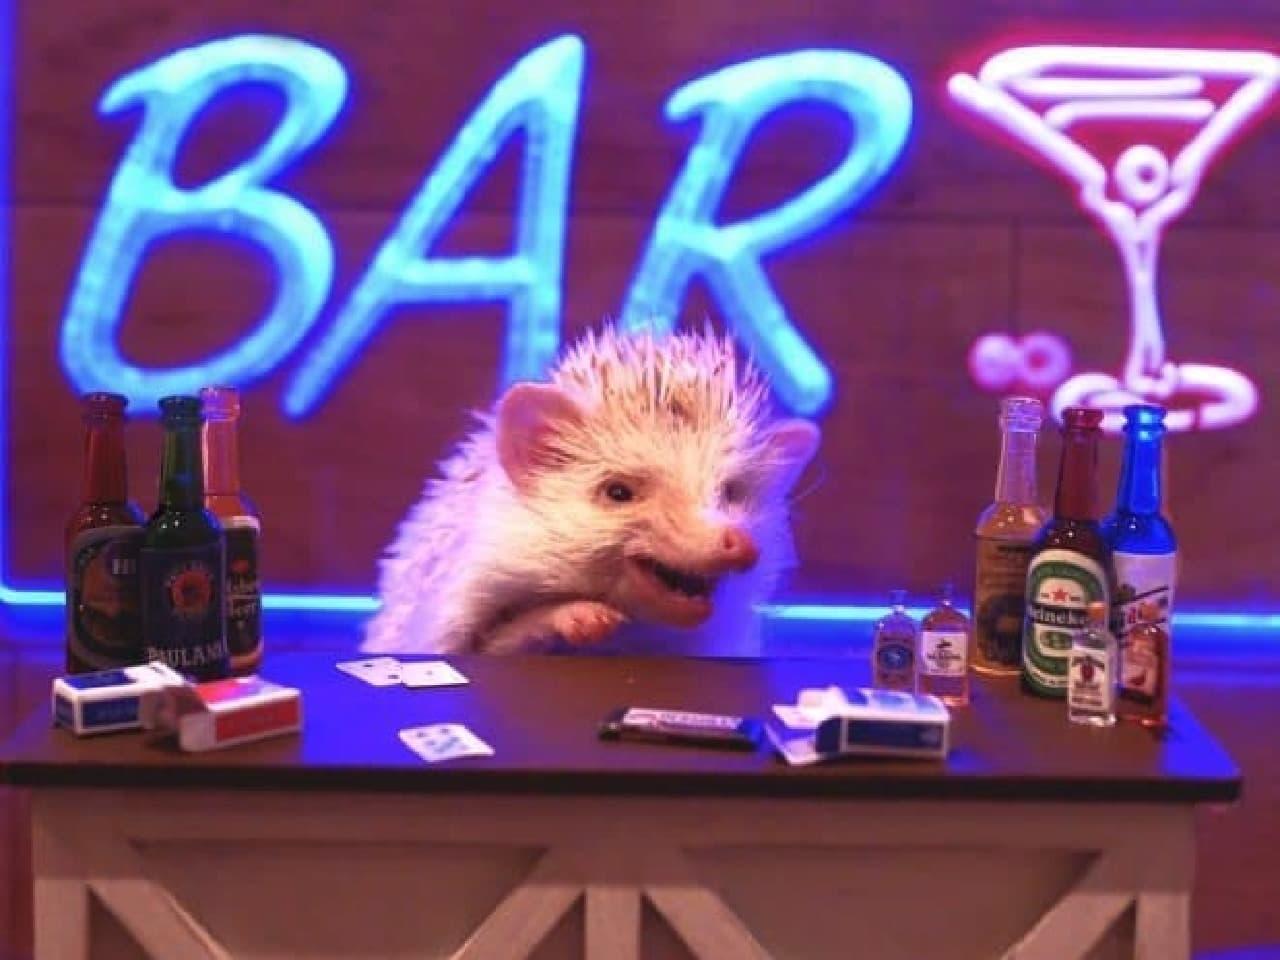 ハリネズミのいるカフェ「ちくちくCAFE」が、木金限定「ハリネズミ BAR」の営業を開始